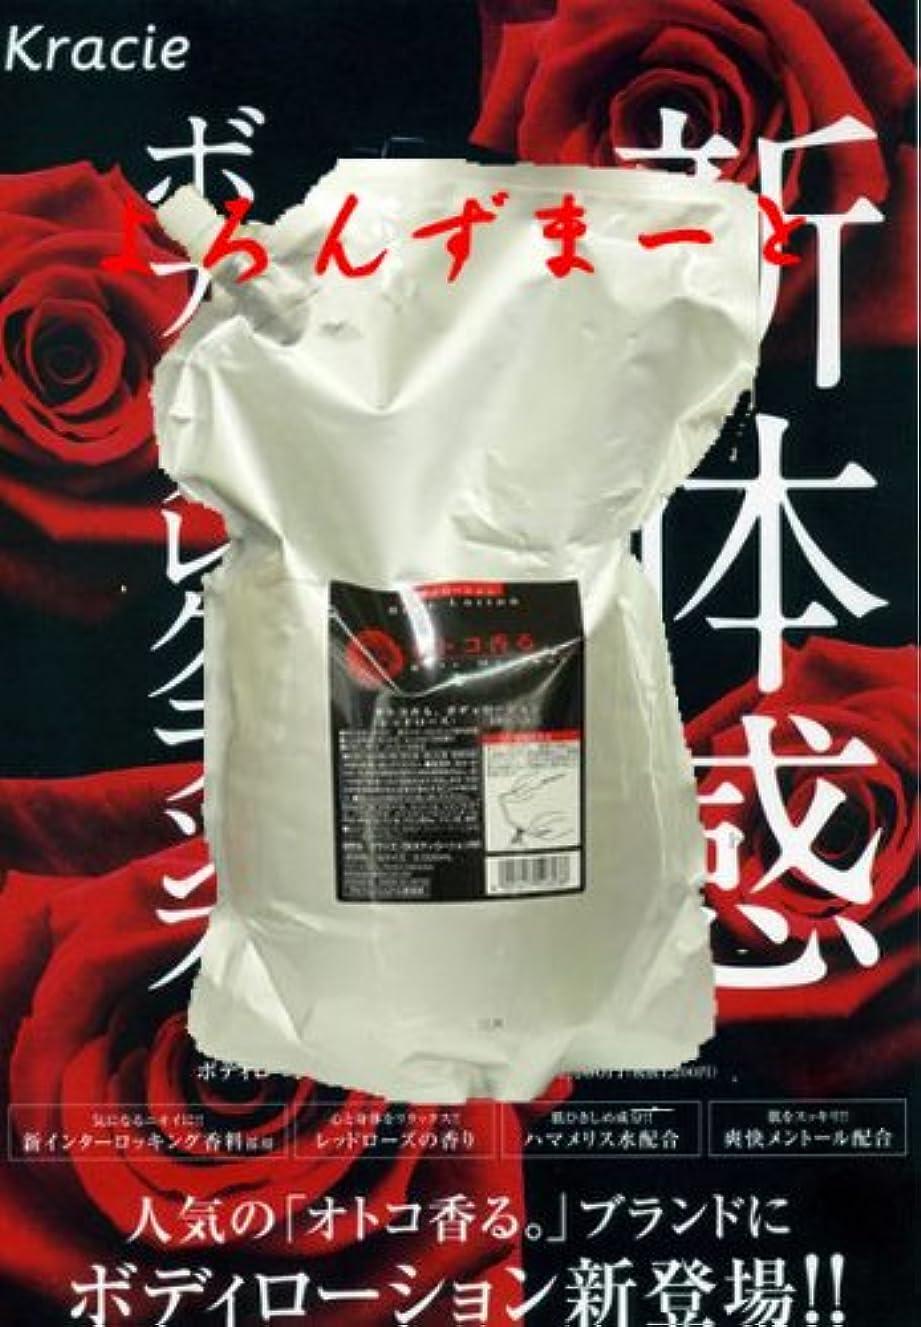 事業内容笑ゴールデンクラシエ オトコ香る ボディーローション(レッドローズ) 2000ml 詰替え用(レフィル)